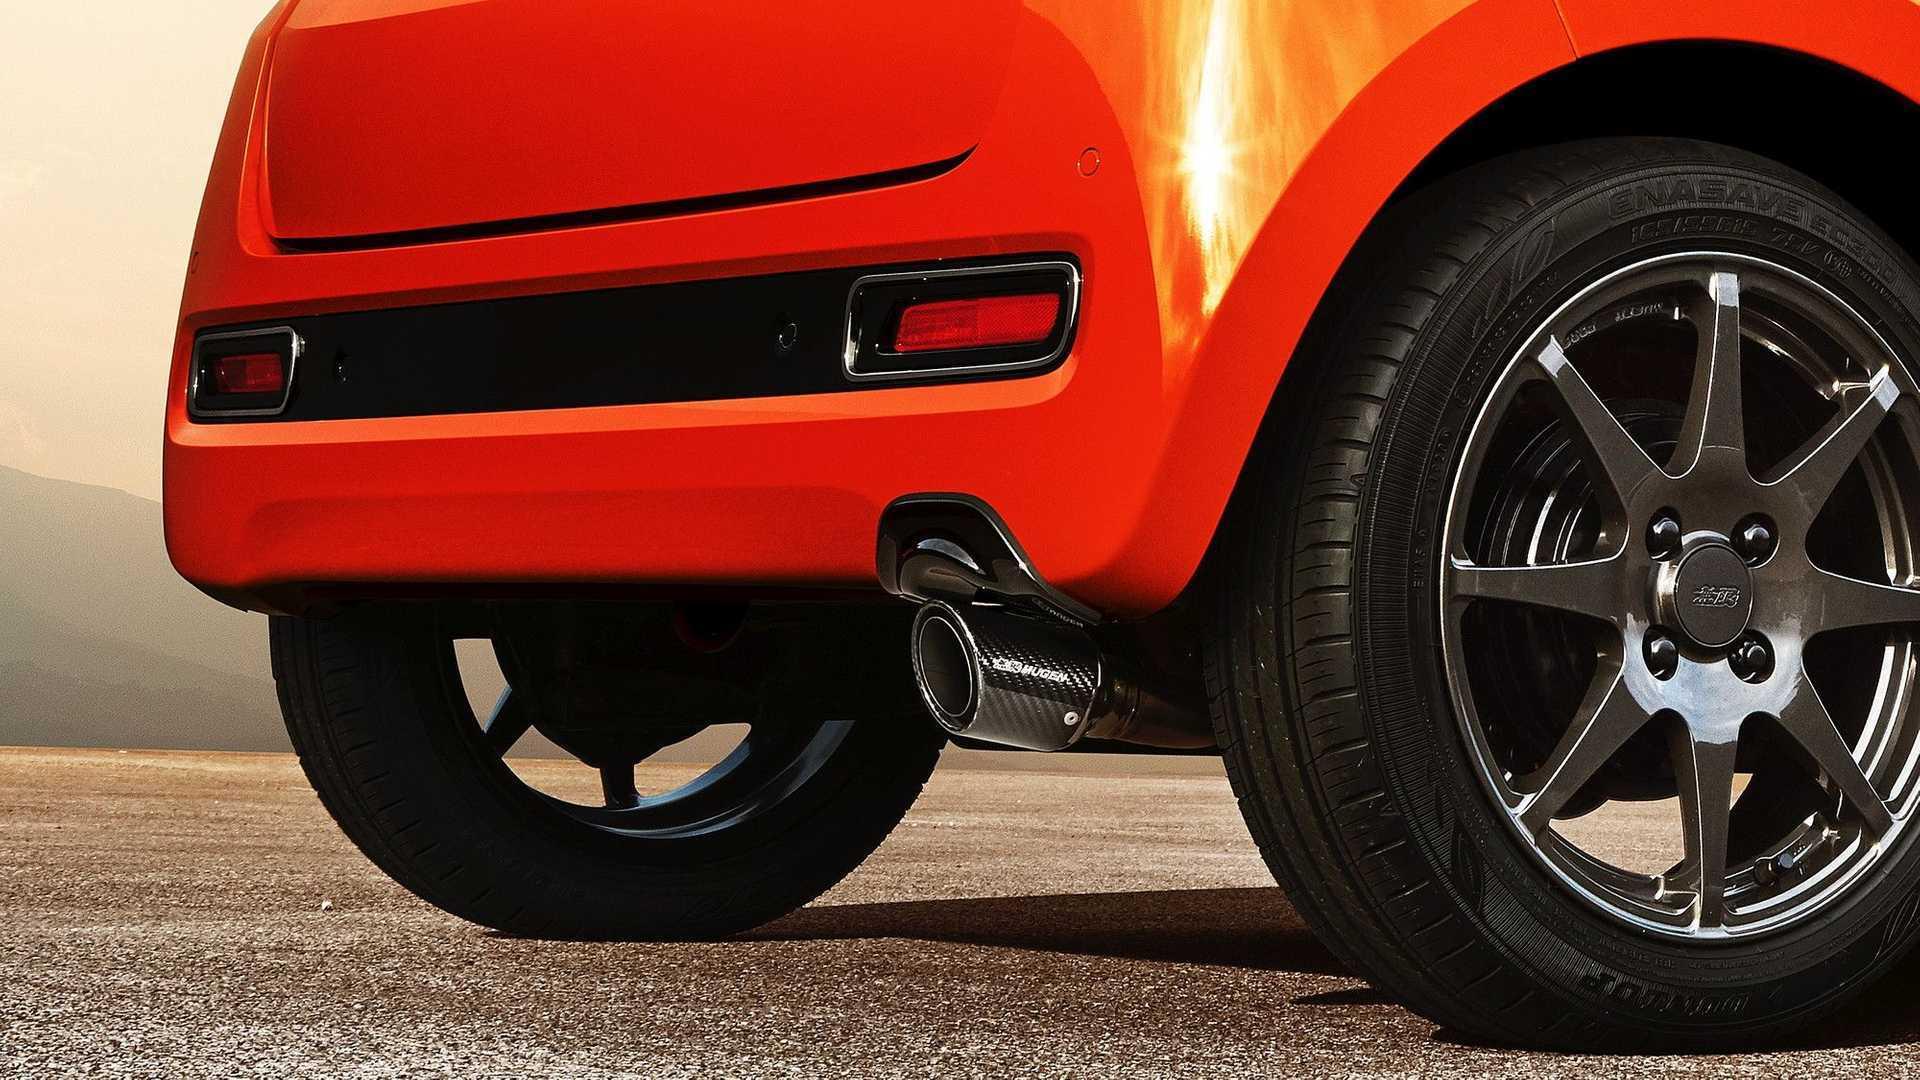 本田穆根(Honda Mugen)推出了N-one性能套件,以升级其外观,并配备了锻造车轮